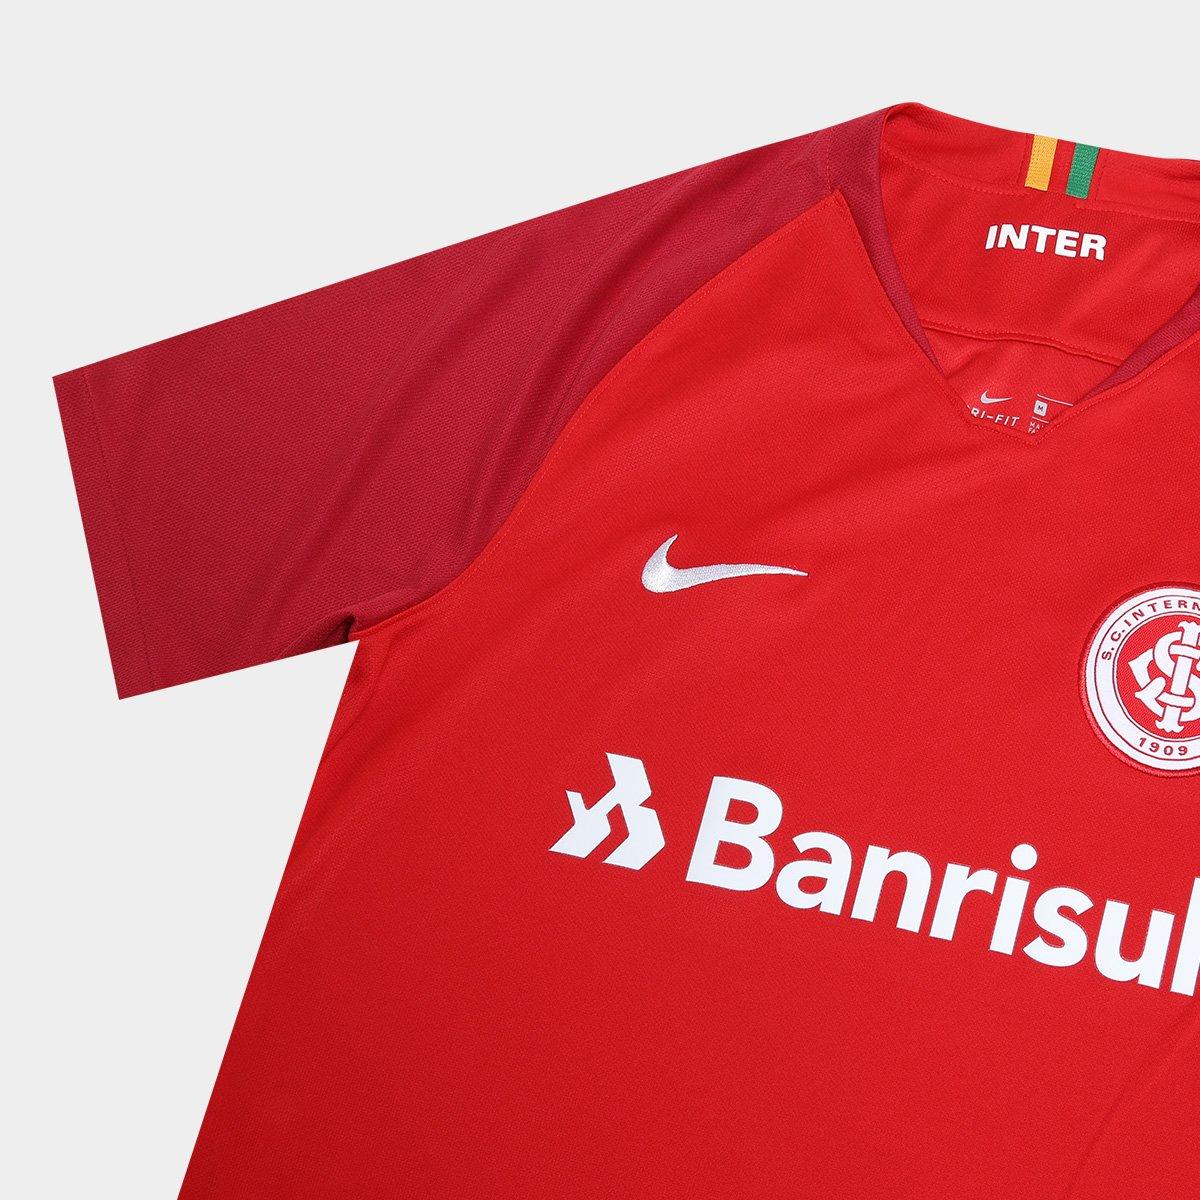 Camisa Internacional I 18 19 Torcedor Nike Masculina - Vermelho e ... 6e30b0dacb4b8